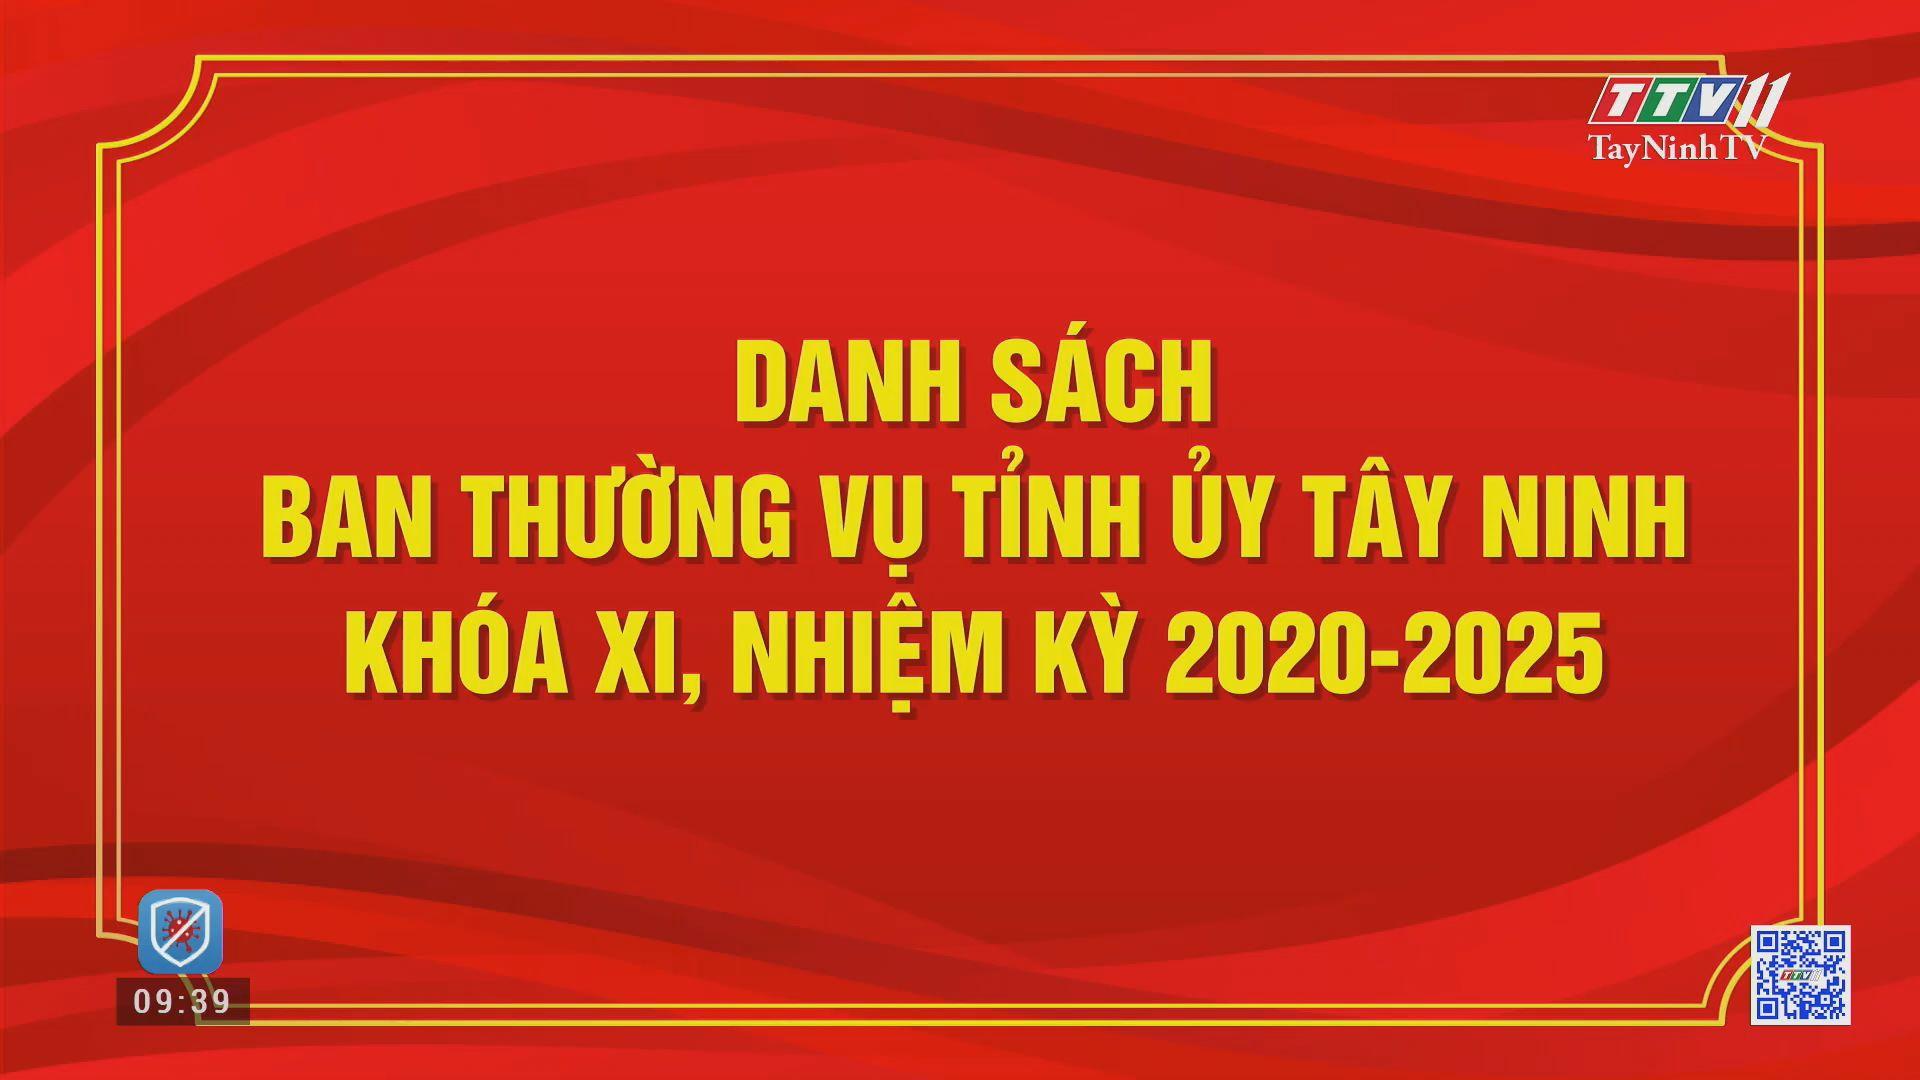 Danh sách Ban Thường vụ Tỉnh uỷ Tây Ninh, nhiệm kỳ 2020 - 2025 | ĐẠI HỘI ĐẢNG CÁC CẤP | TayNinhTV